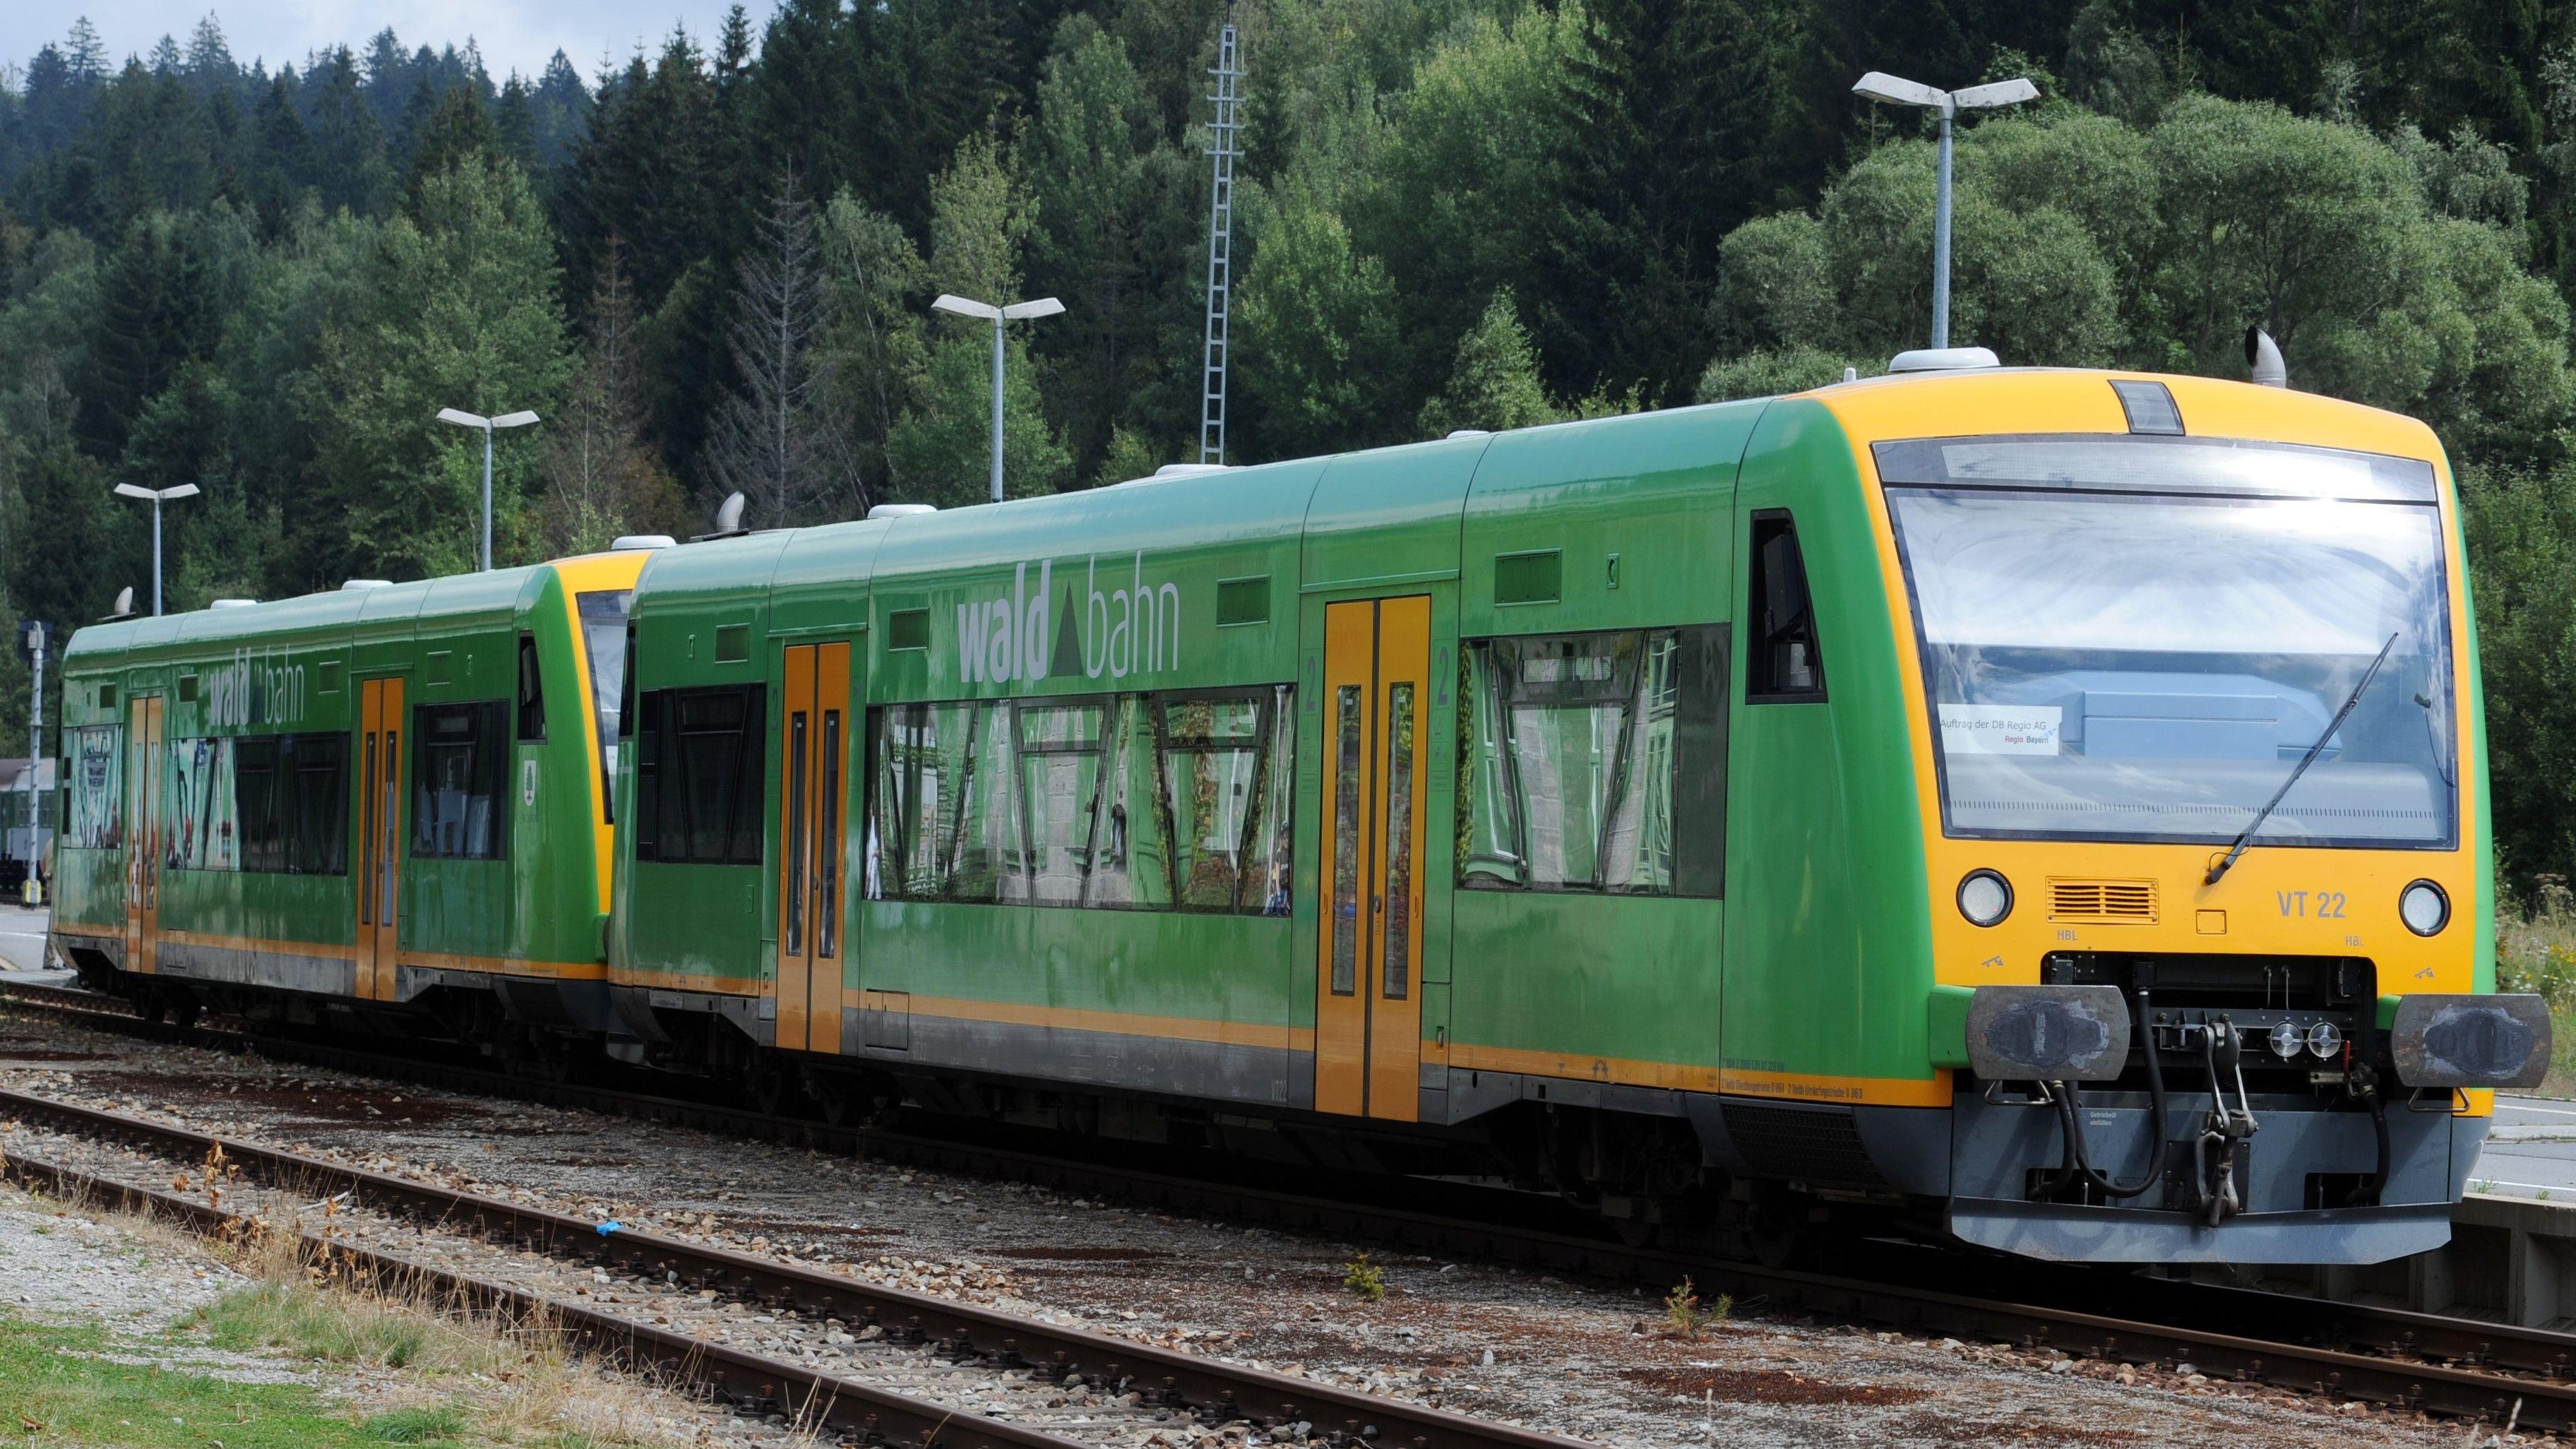 Ein Zug der Bayerischen Waldbahn auf den Gleisen im deutsch-tschechischen Grenzbahnhof in Bayerisch Eisenstein